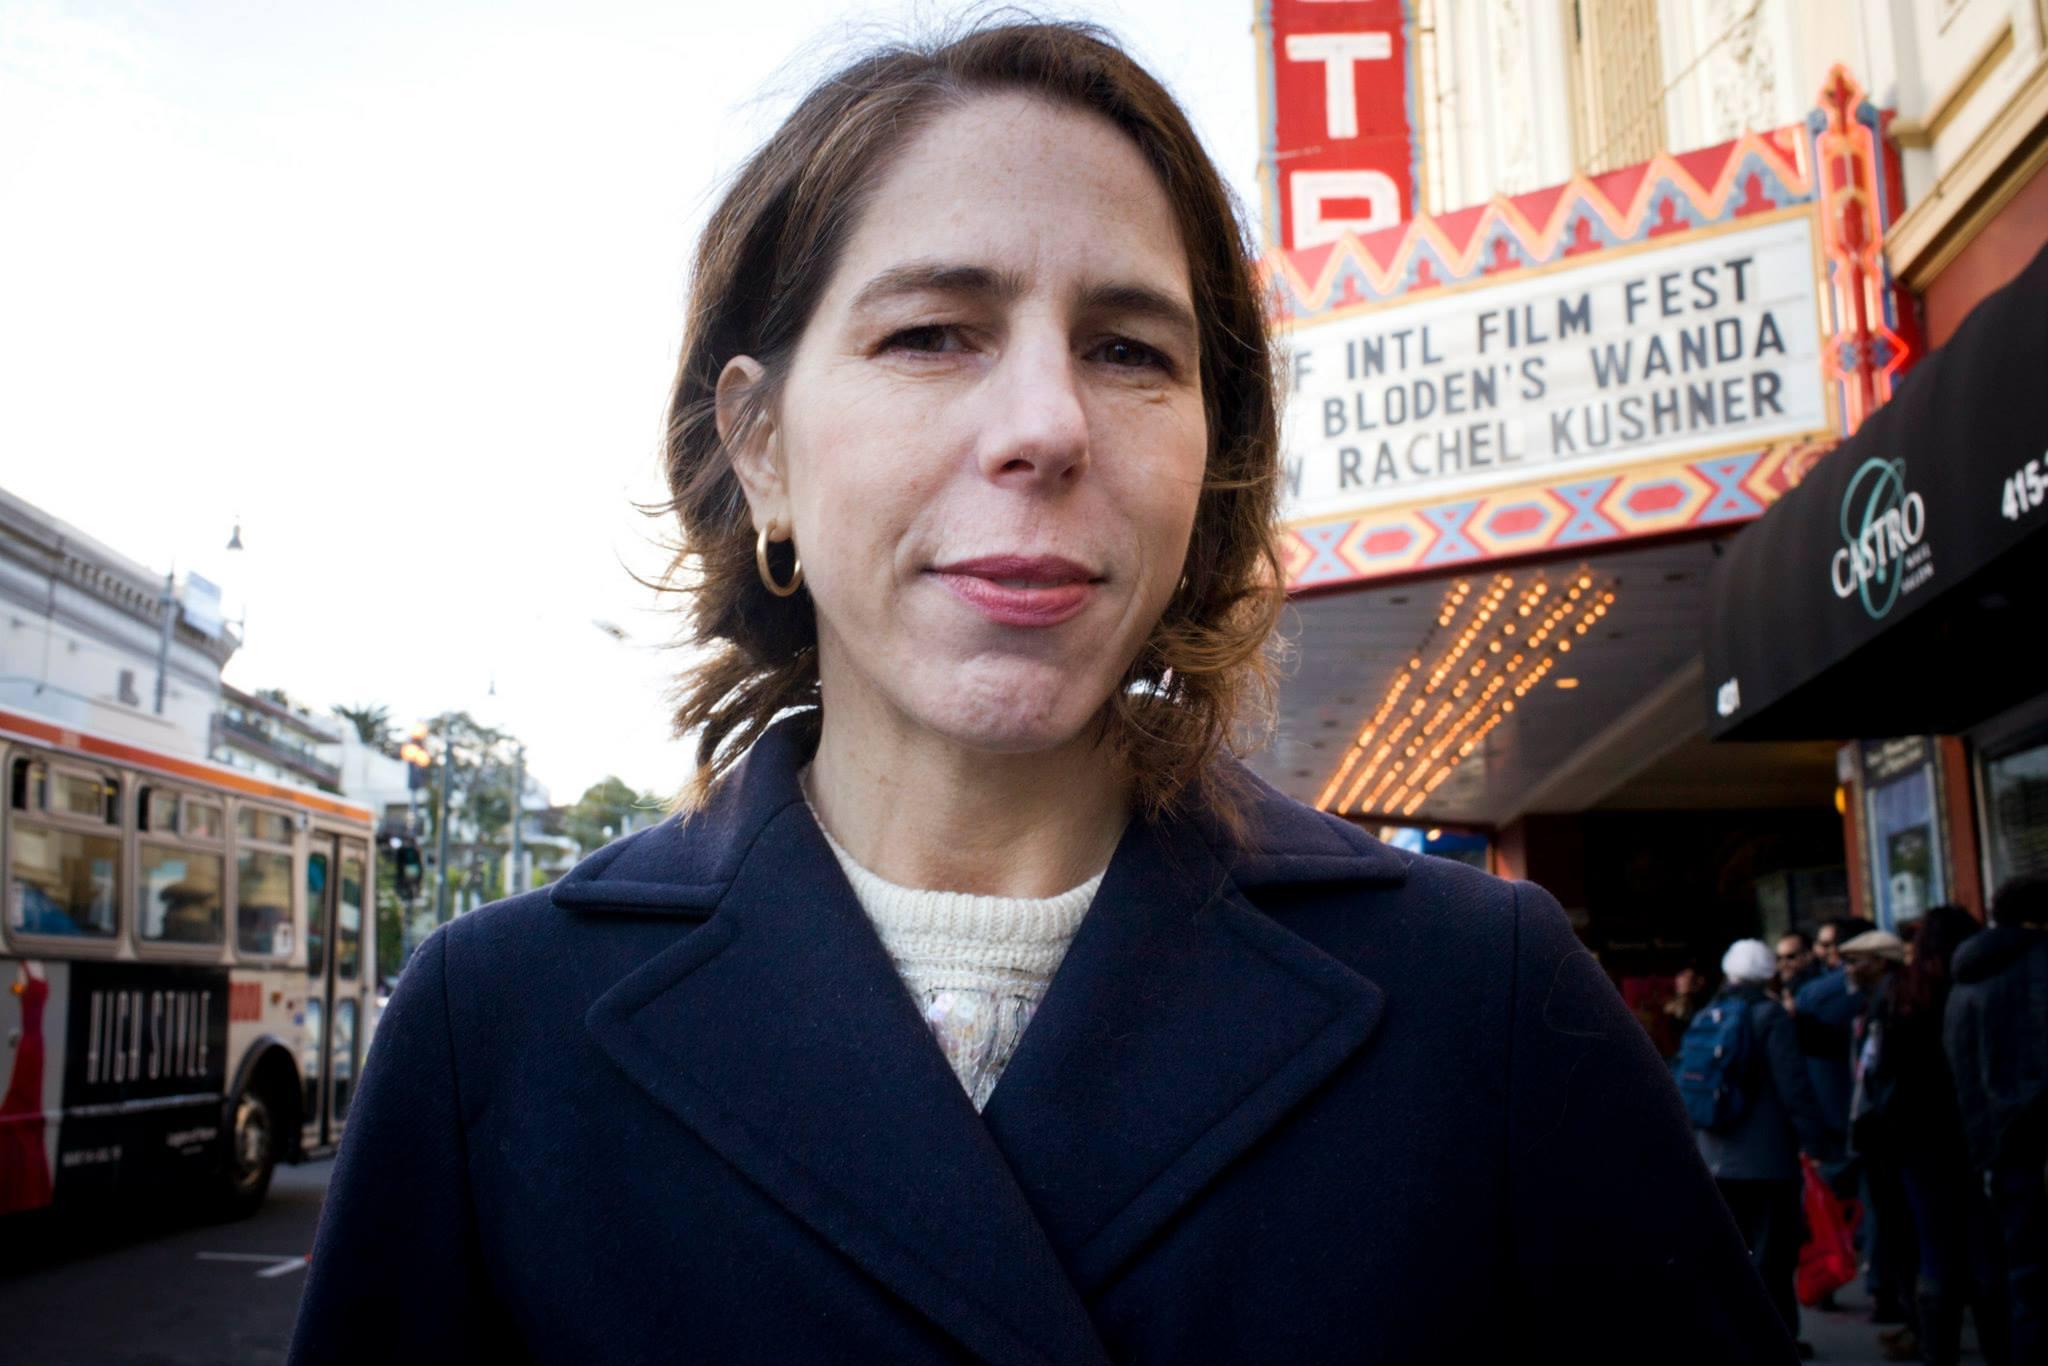 Author & Telluride Film Festival Guest Director Rachel Kushner